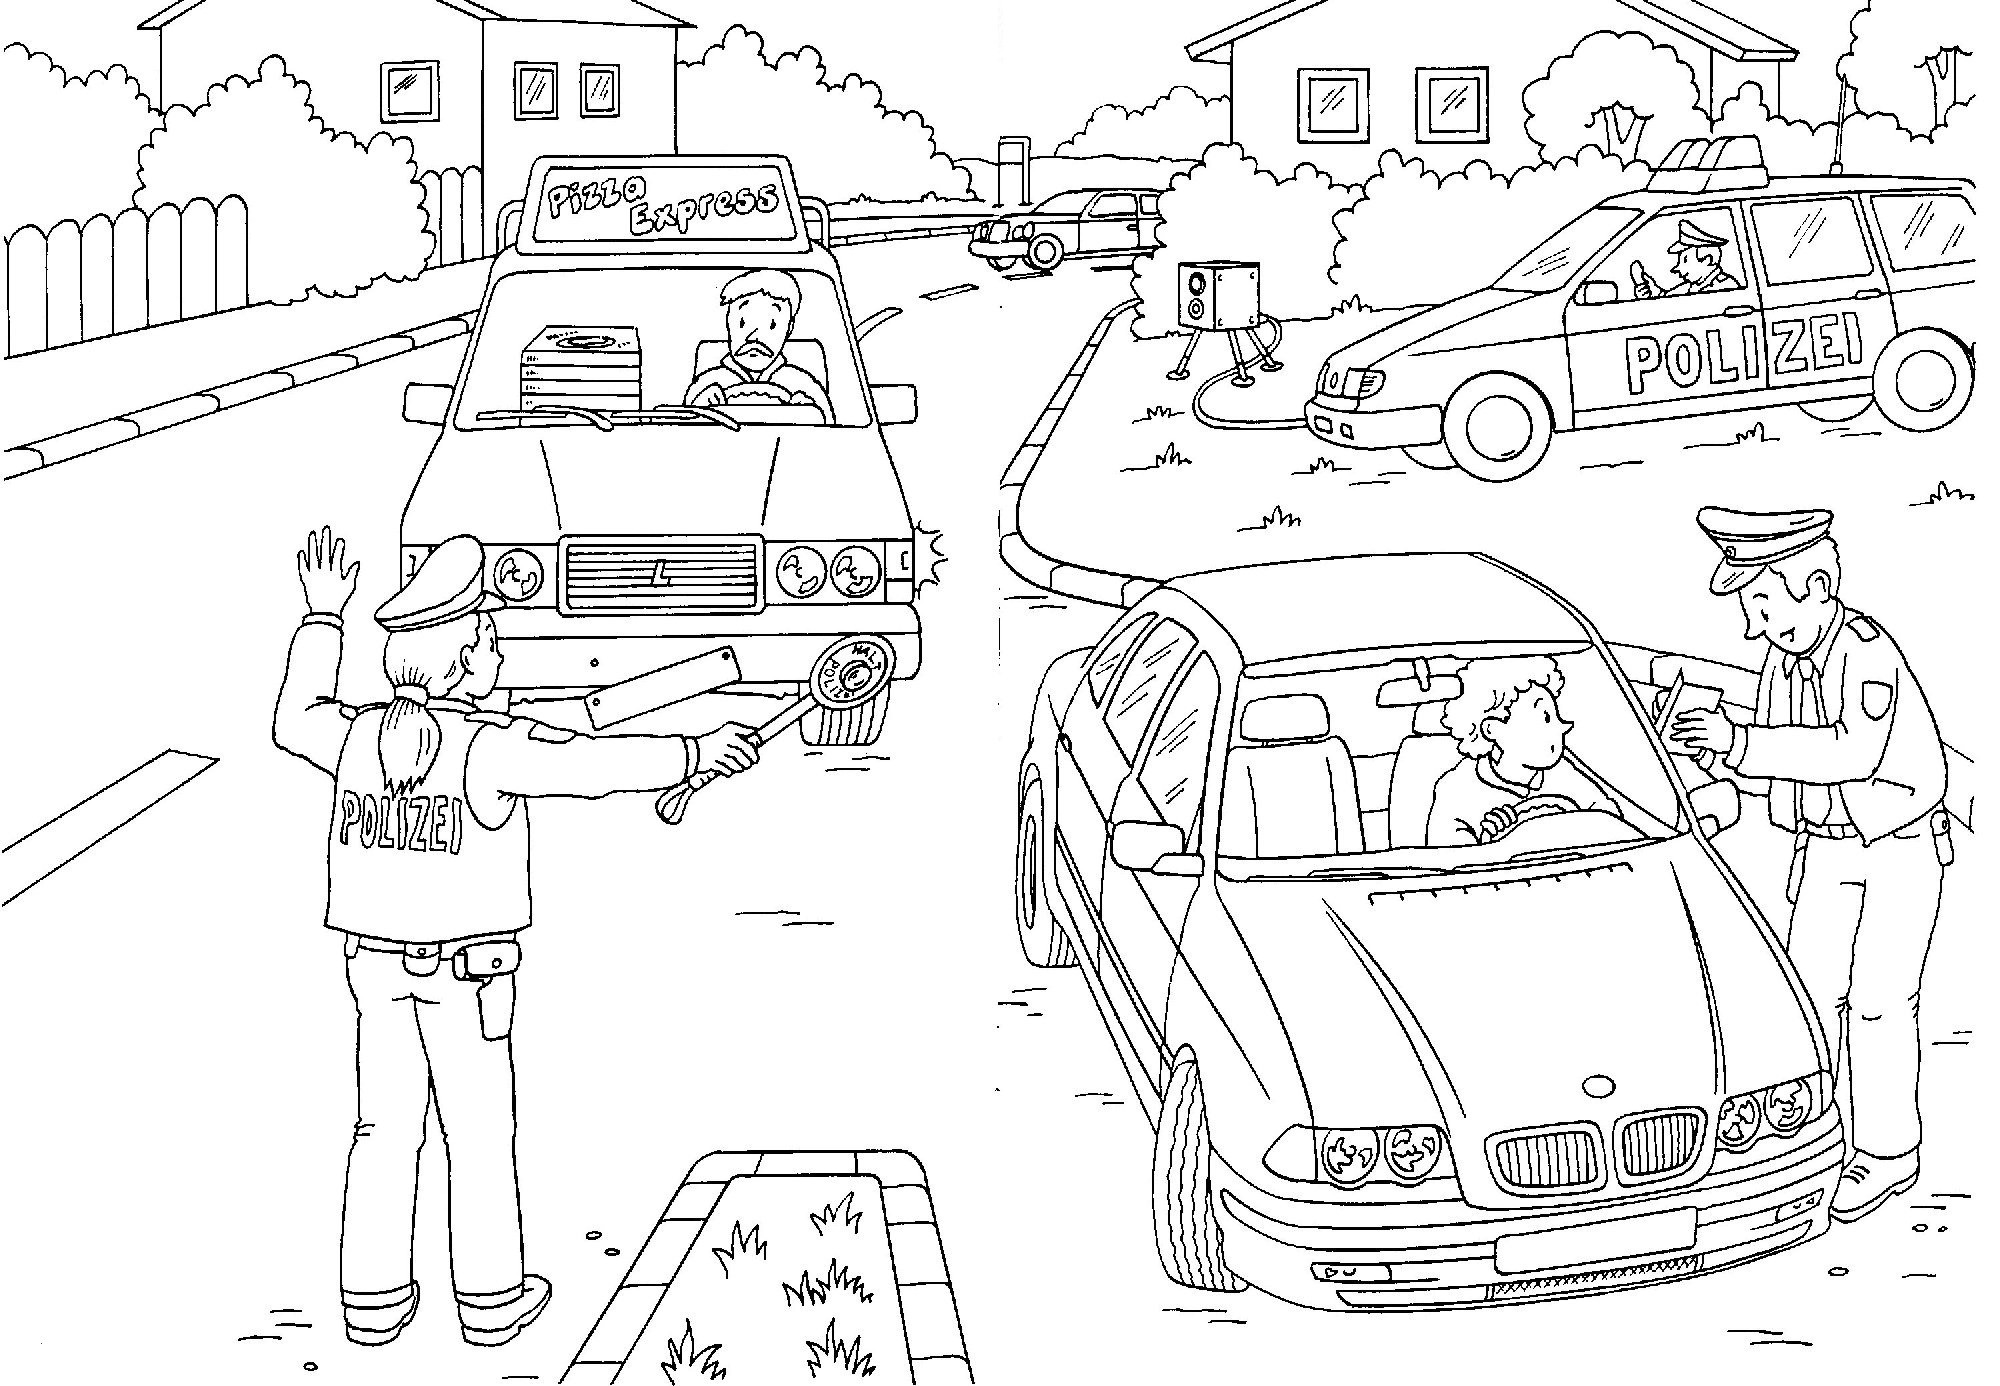 Die Kleine Raupe Nimmersatt Ausmalbild Neu Drei Auto Polizei Ausmalbilder 75 Malvorlage Polizei Ausmalbilder Bilder